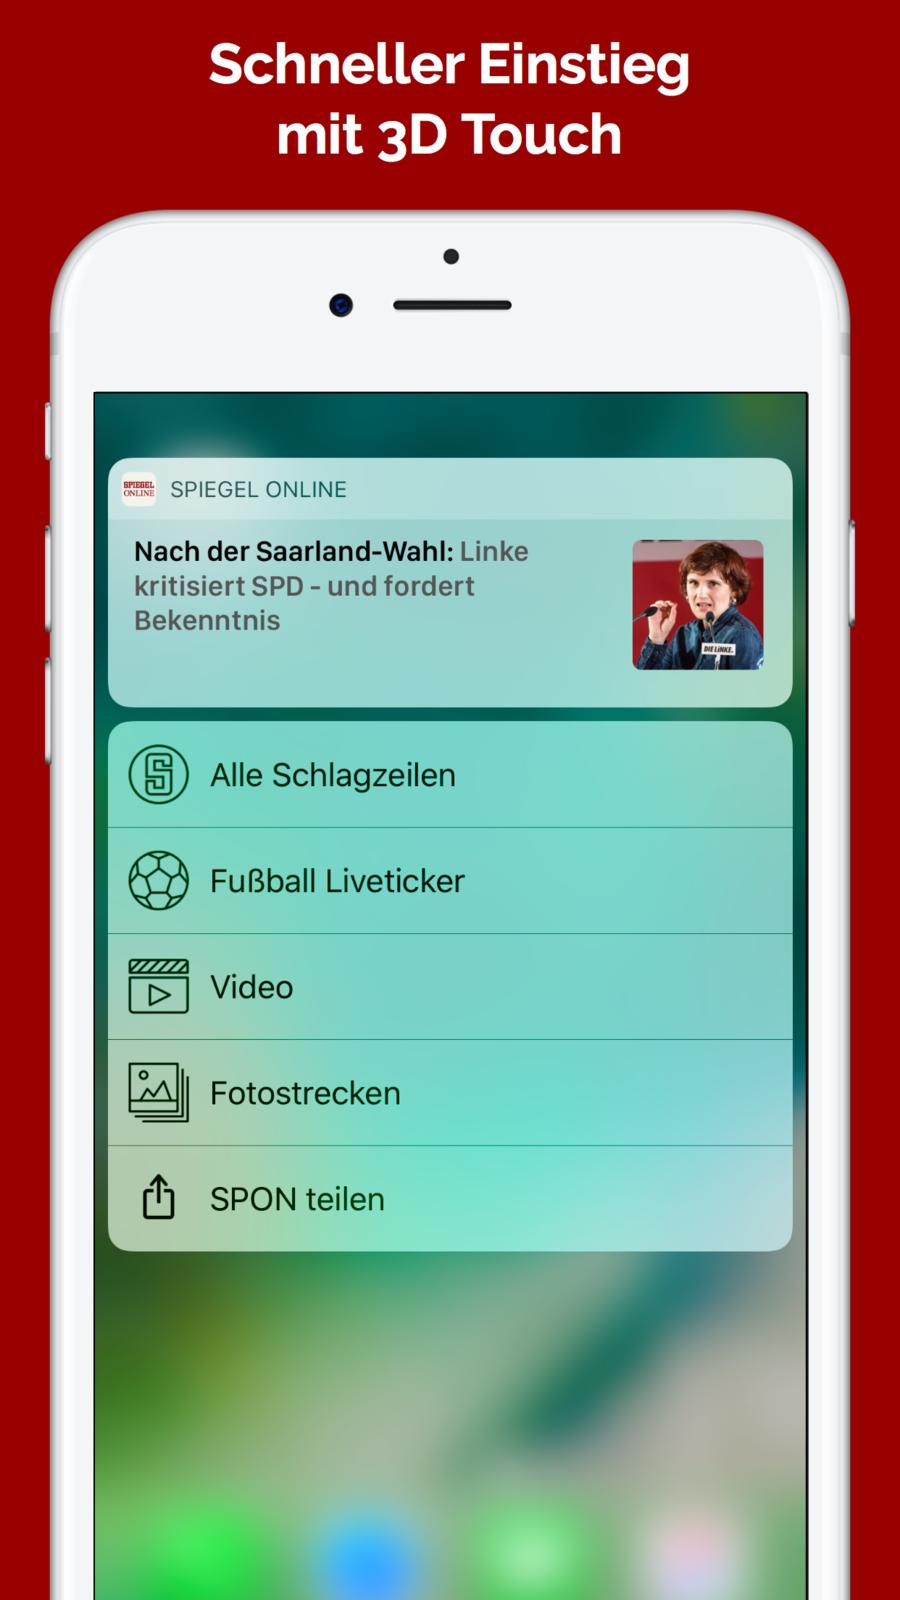 Spiegel Online Nachrichten Ios News App Apps Games To Play Apples To Apples Game Apple